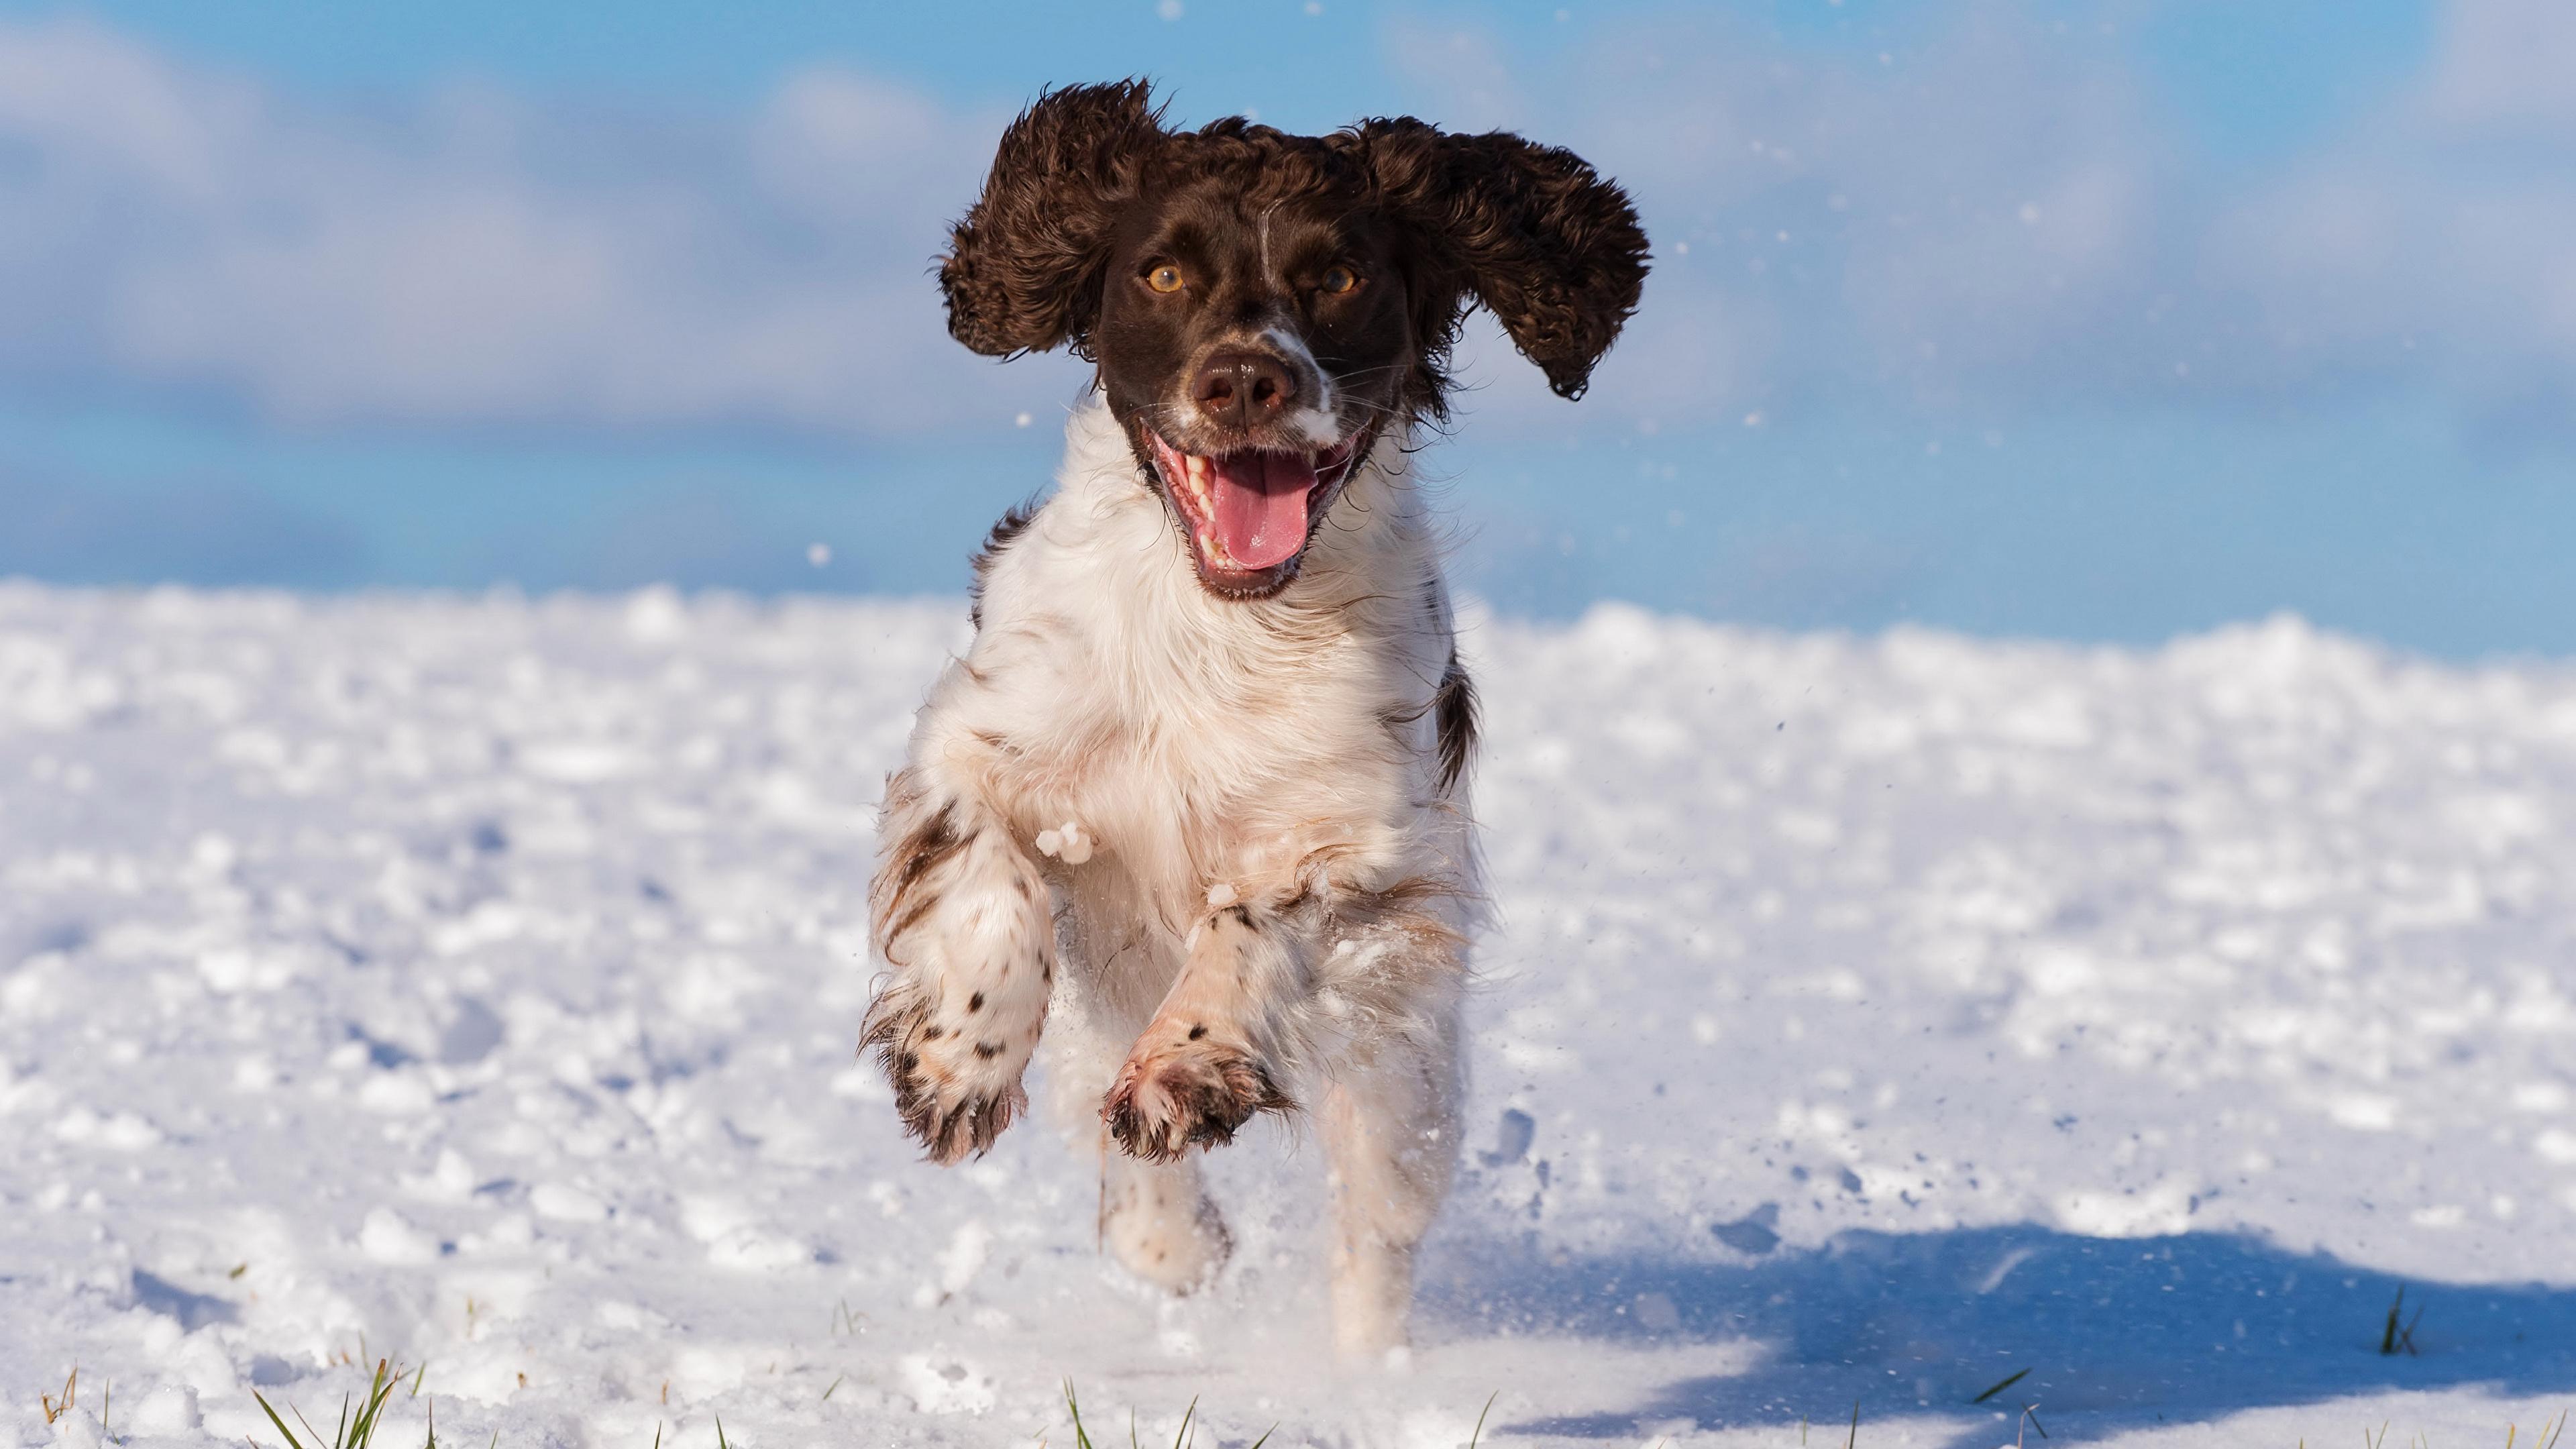 Hintergrundbilder Spaniel Hunde Laufsport cocker spaniel Schnee Tiere 3840x2160 Lauf Laufen